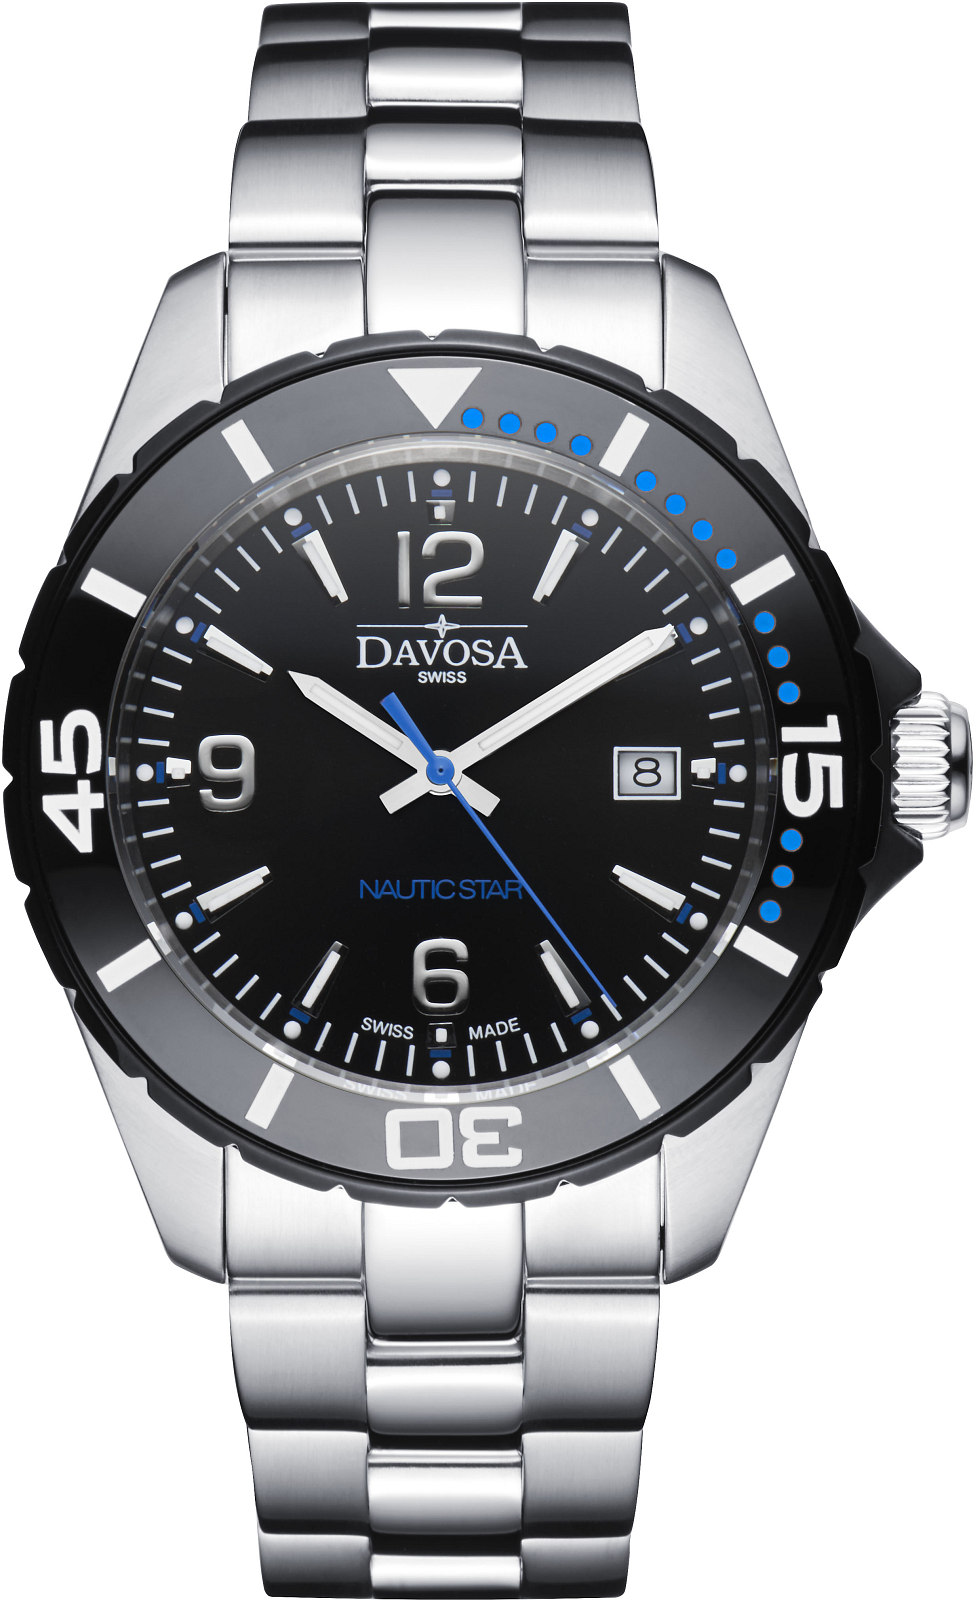 zegarek-meski-davosa-nautic-star-163-472-45-2